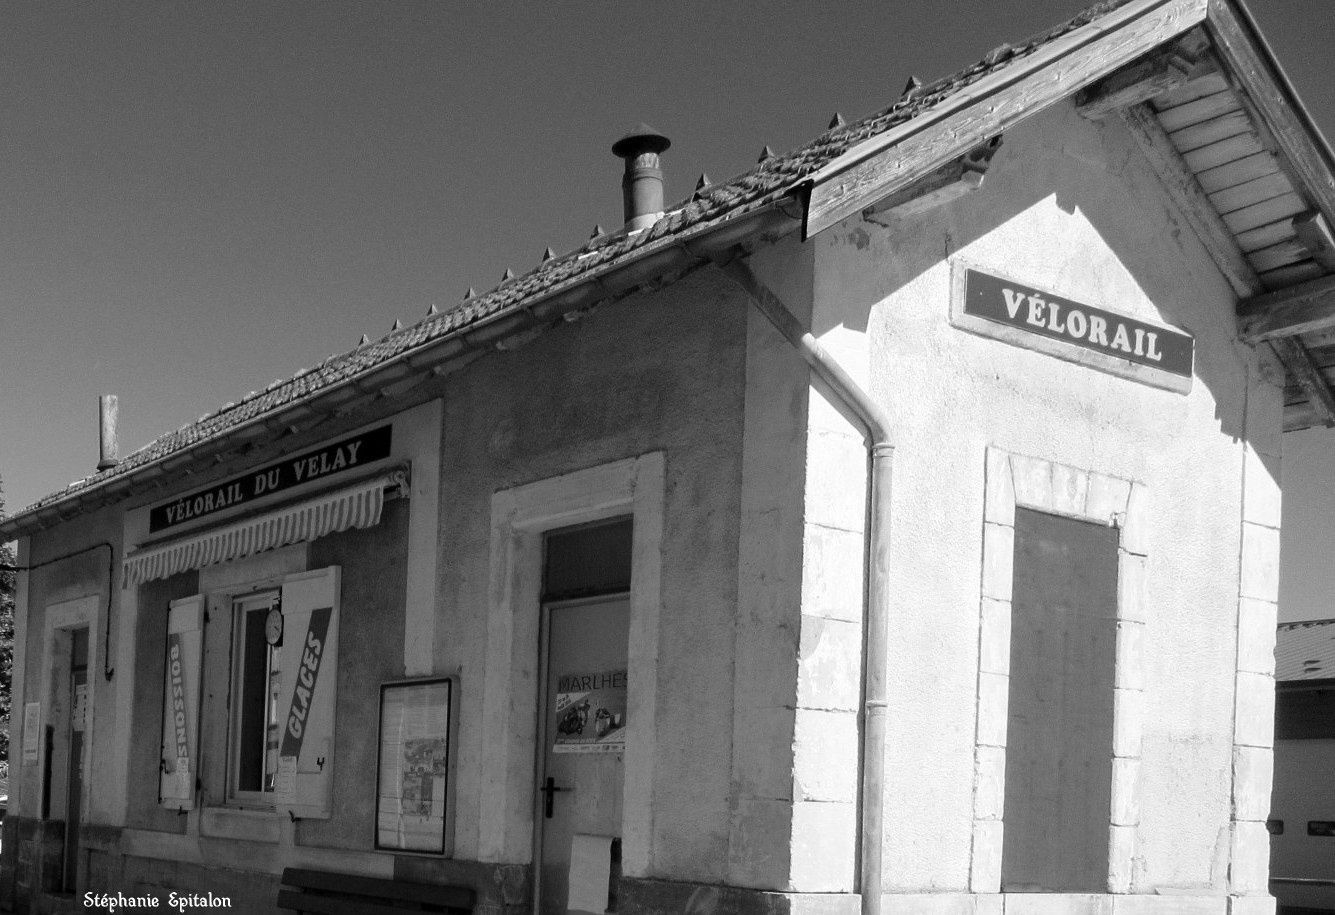 Vélorail à Dunières  (La Gare, 43220 Dunières)